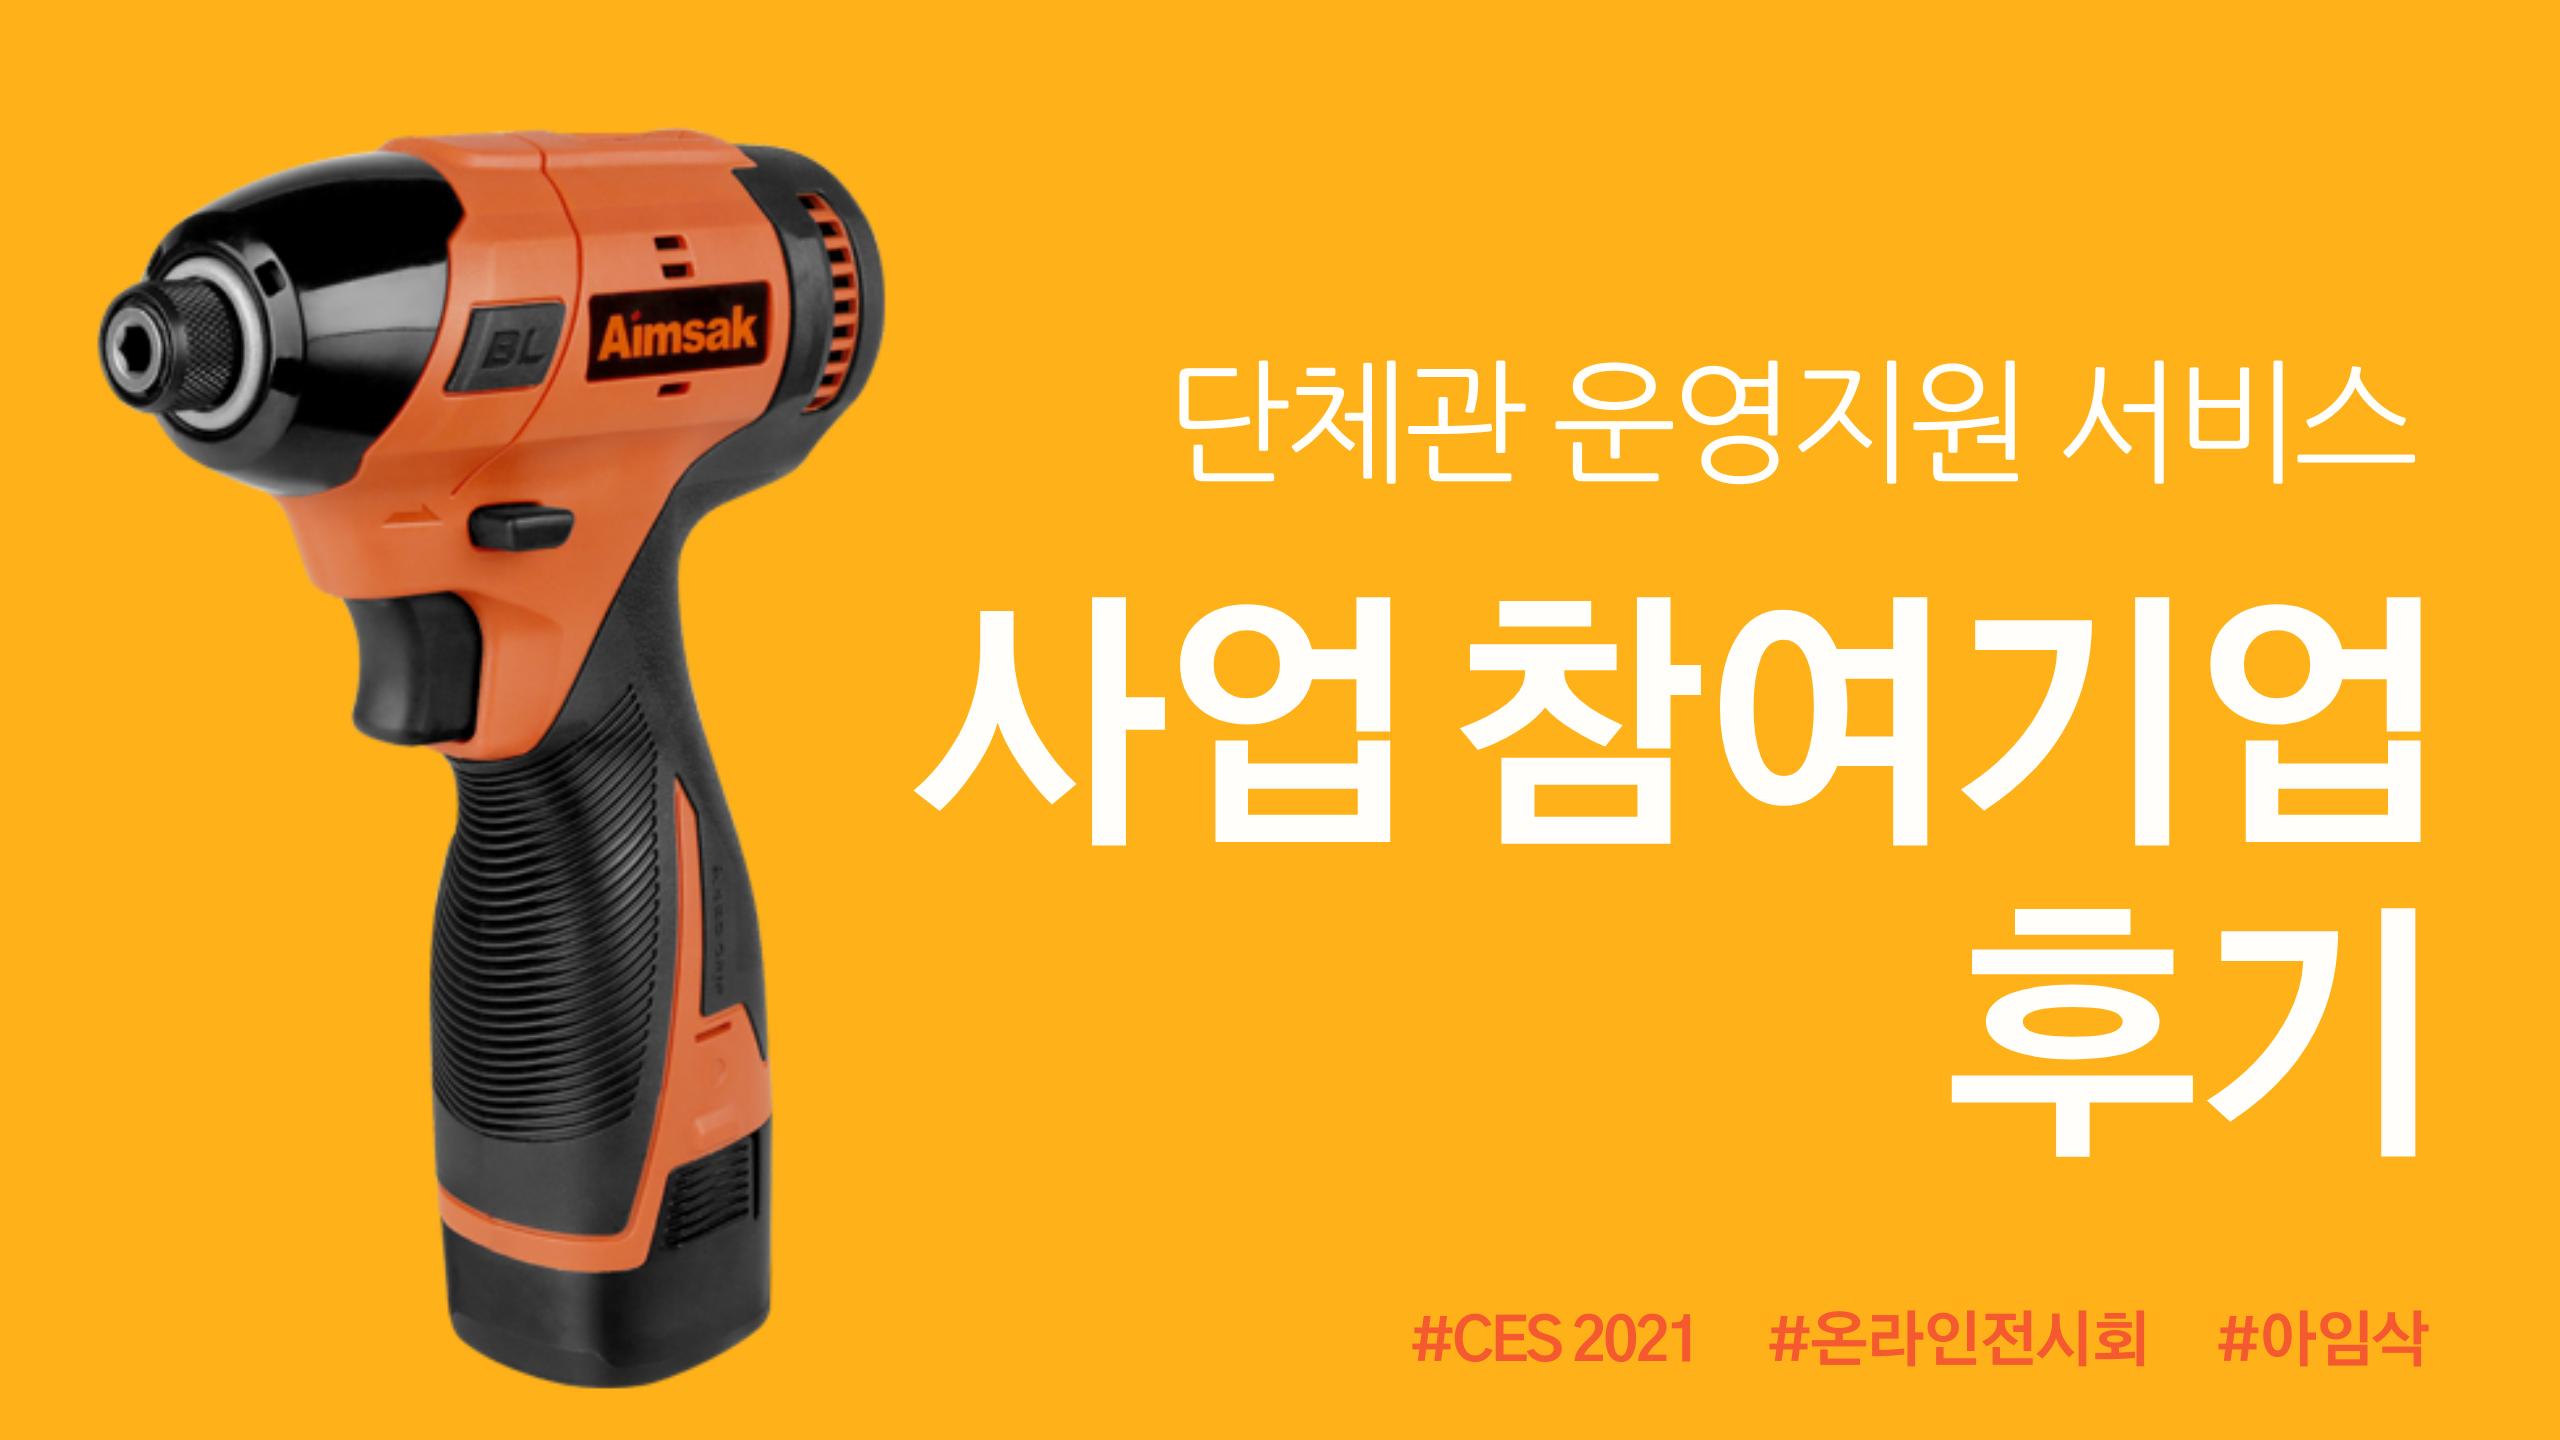 [박람회 참가 후기 / 단체관 운영지원 서비스] CES 2021 All digital - 아임삭